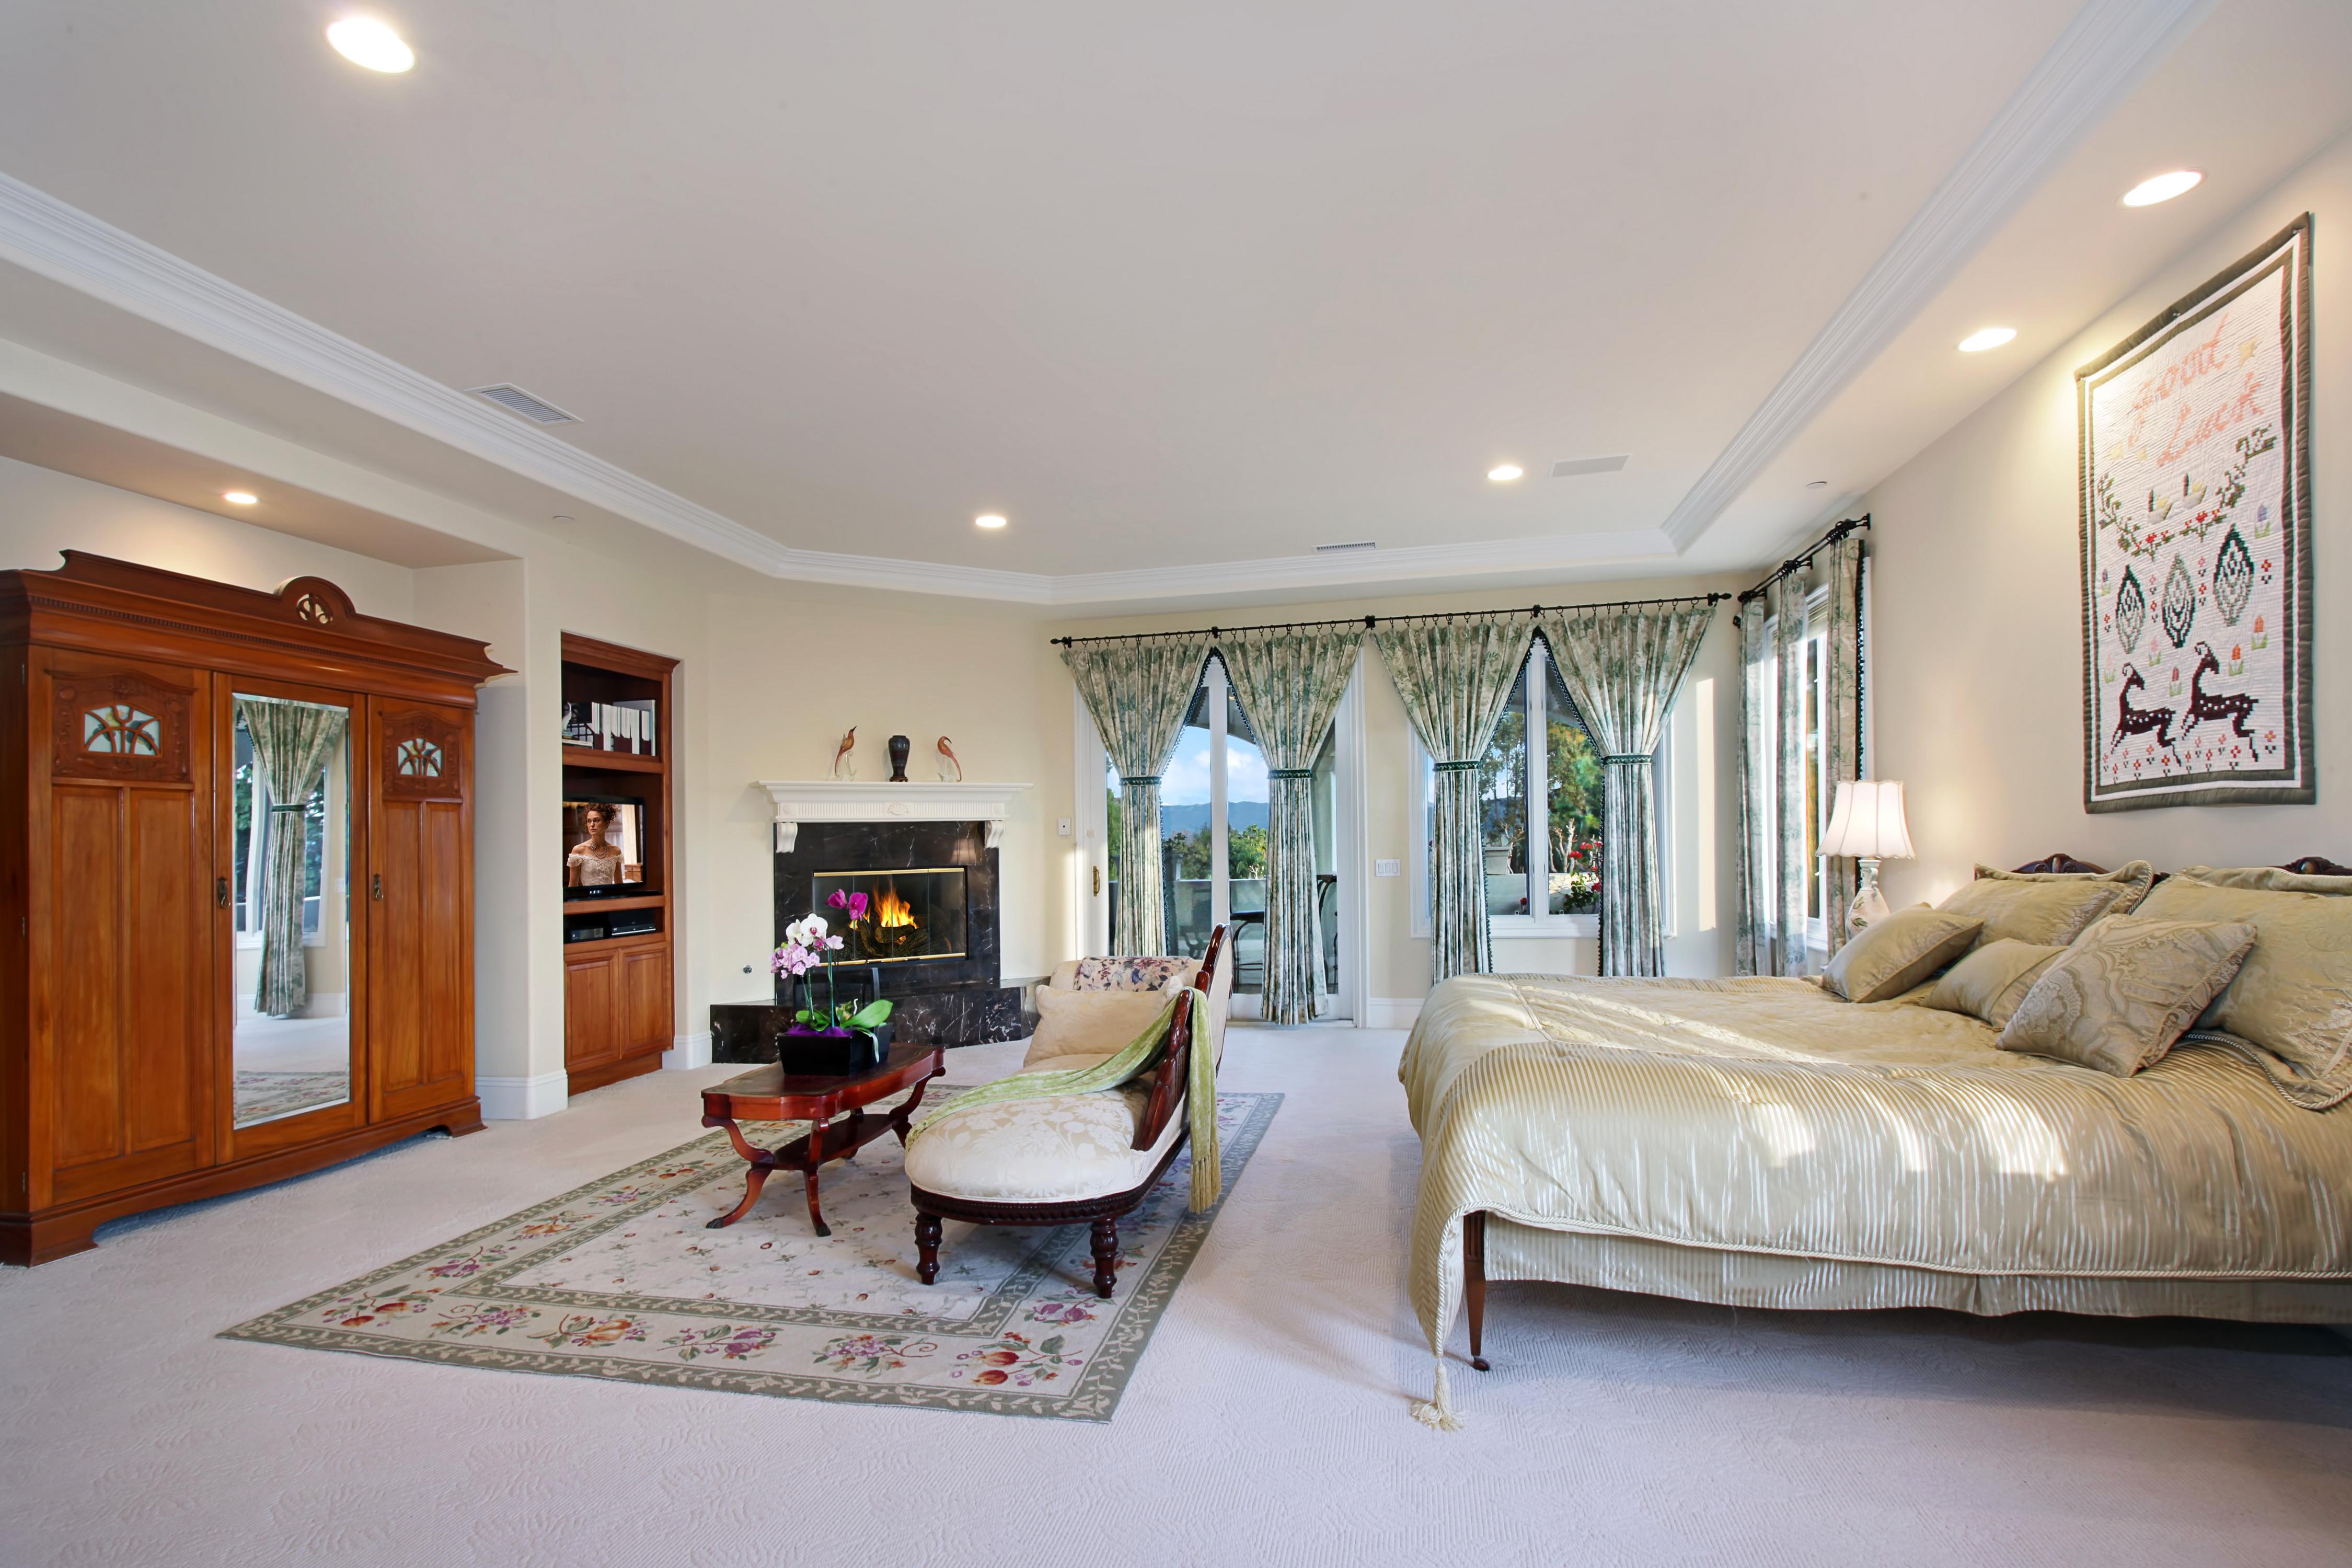 Интерьер ковры кровать  № 3537365 загрузить